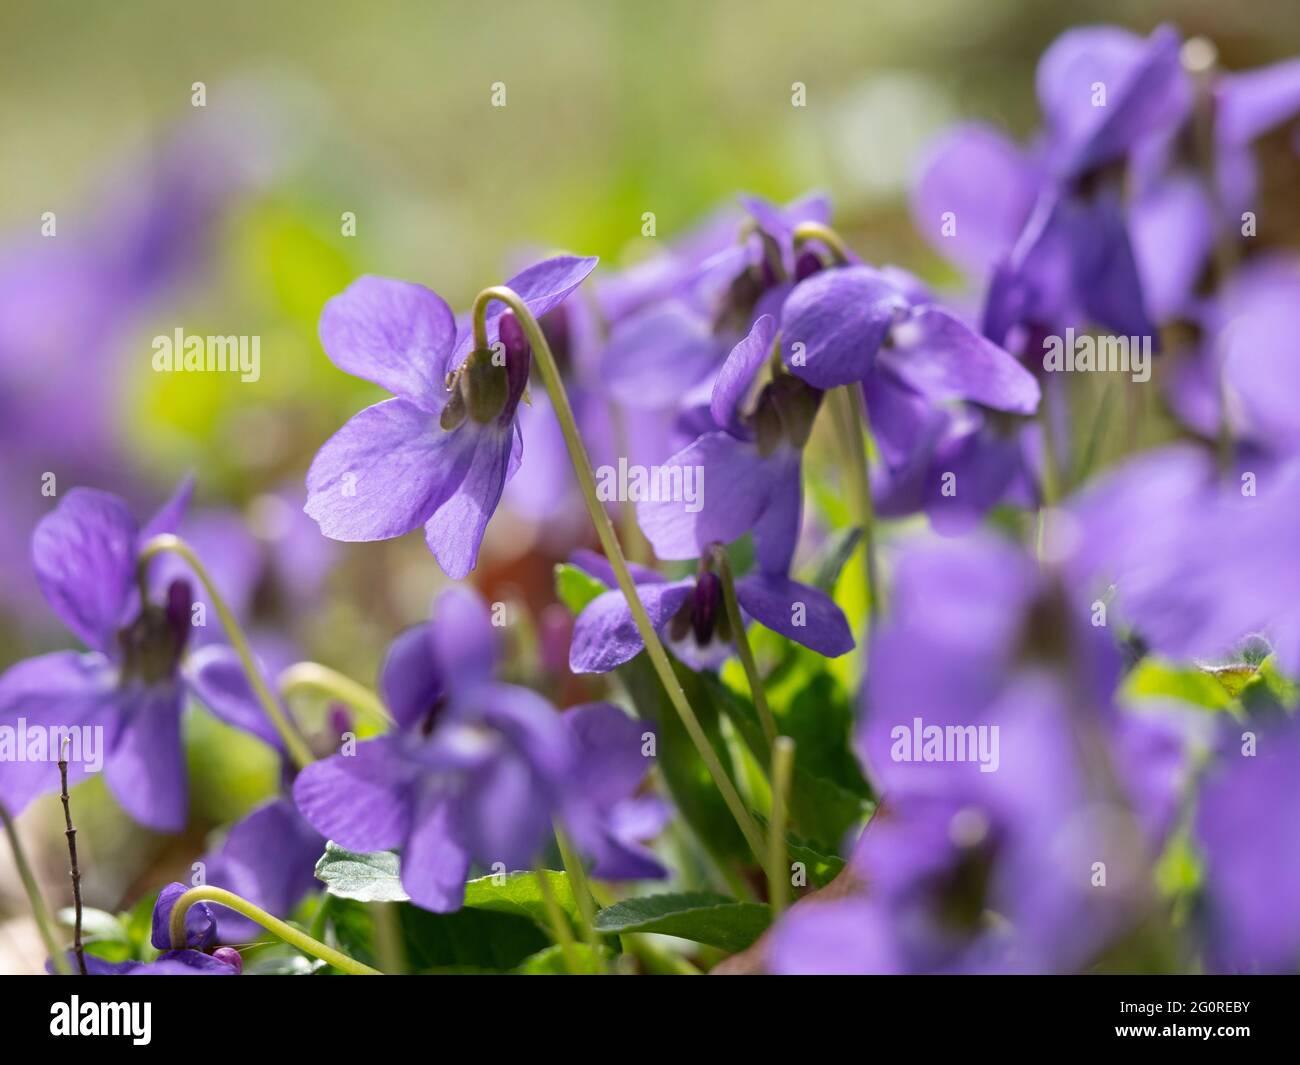 Chien commun Violet (Viola riviniana) Queensdown Warren Kent Wildlife Trust, Kent UK, tête de fleur gros plan montrant des pétales, contre-jour Banque D'Images